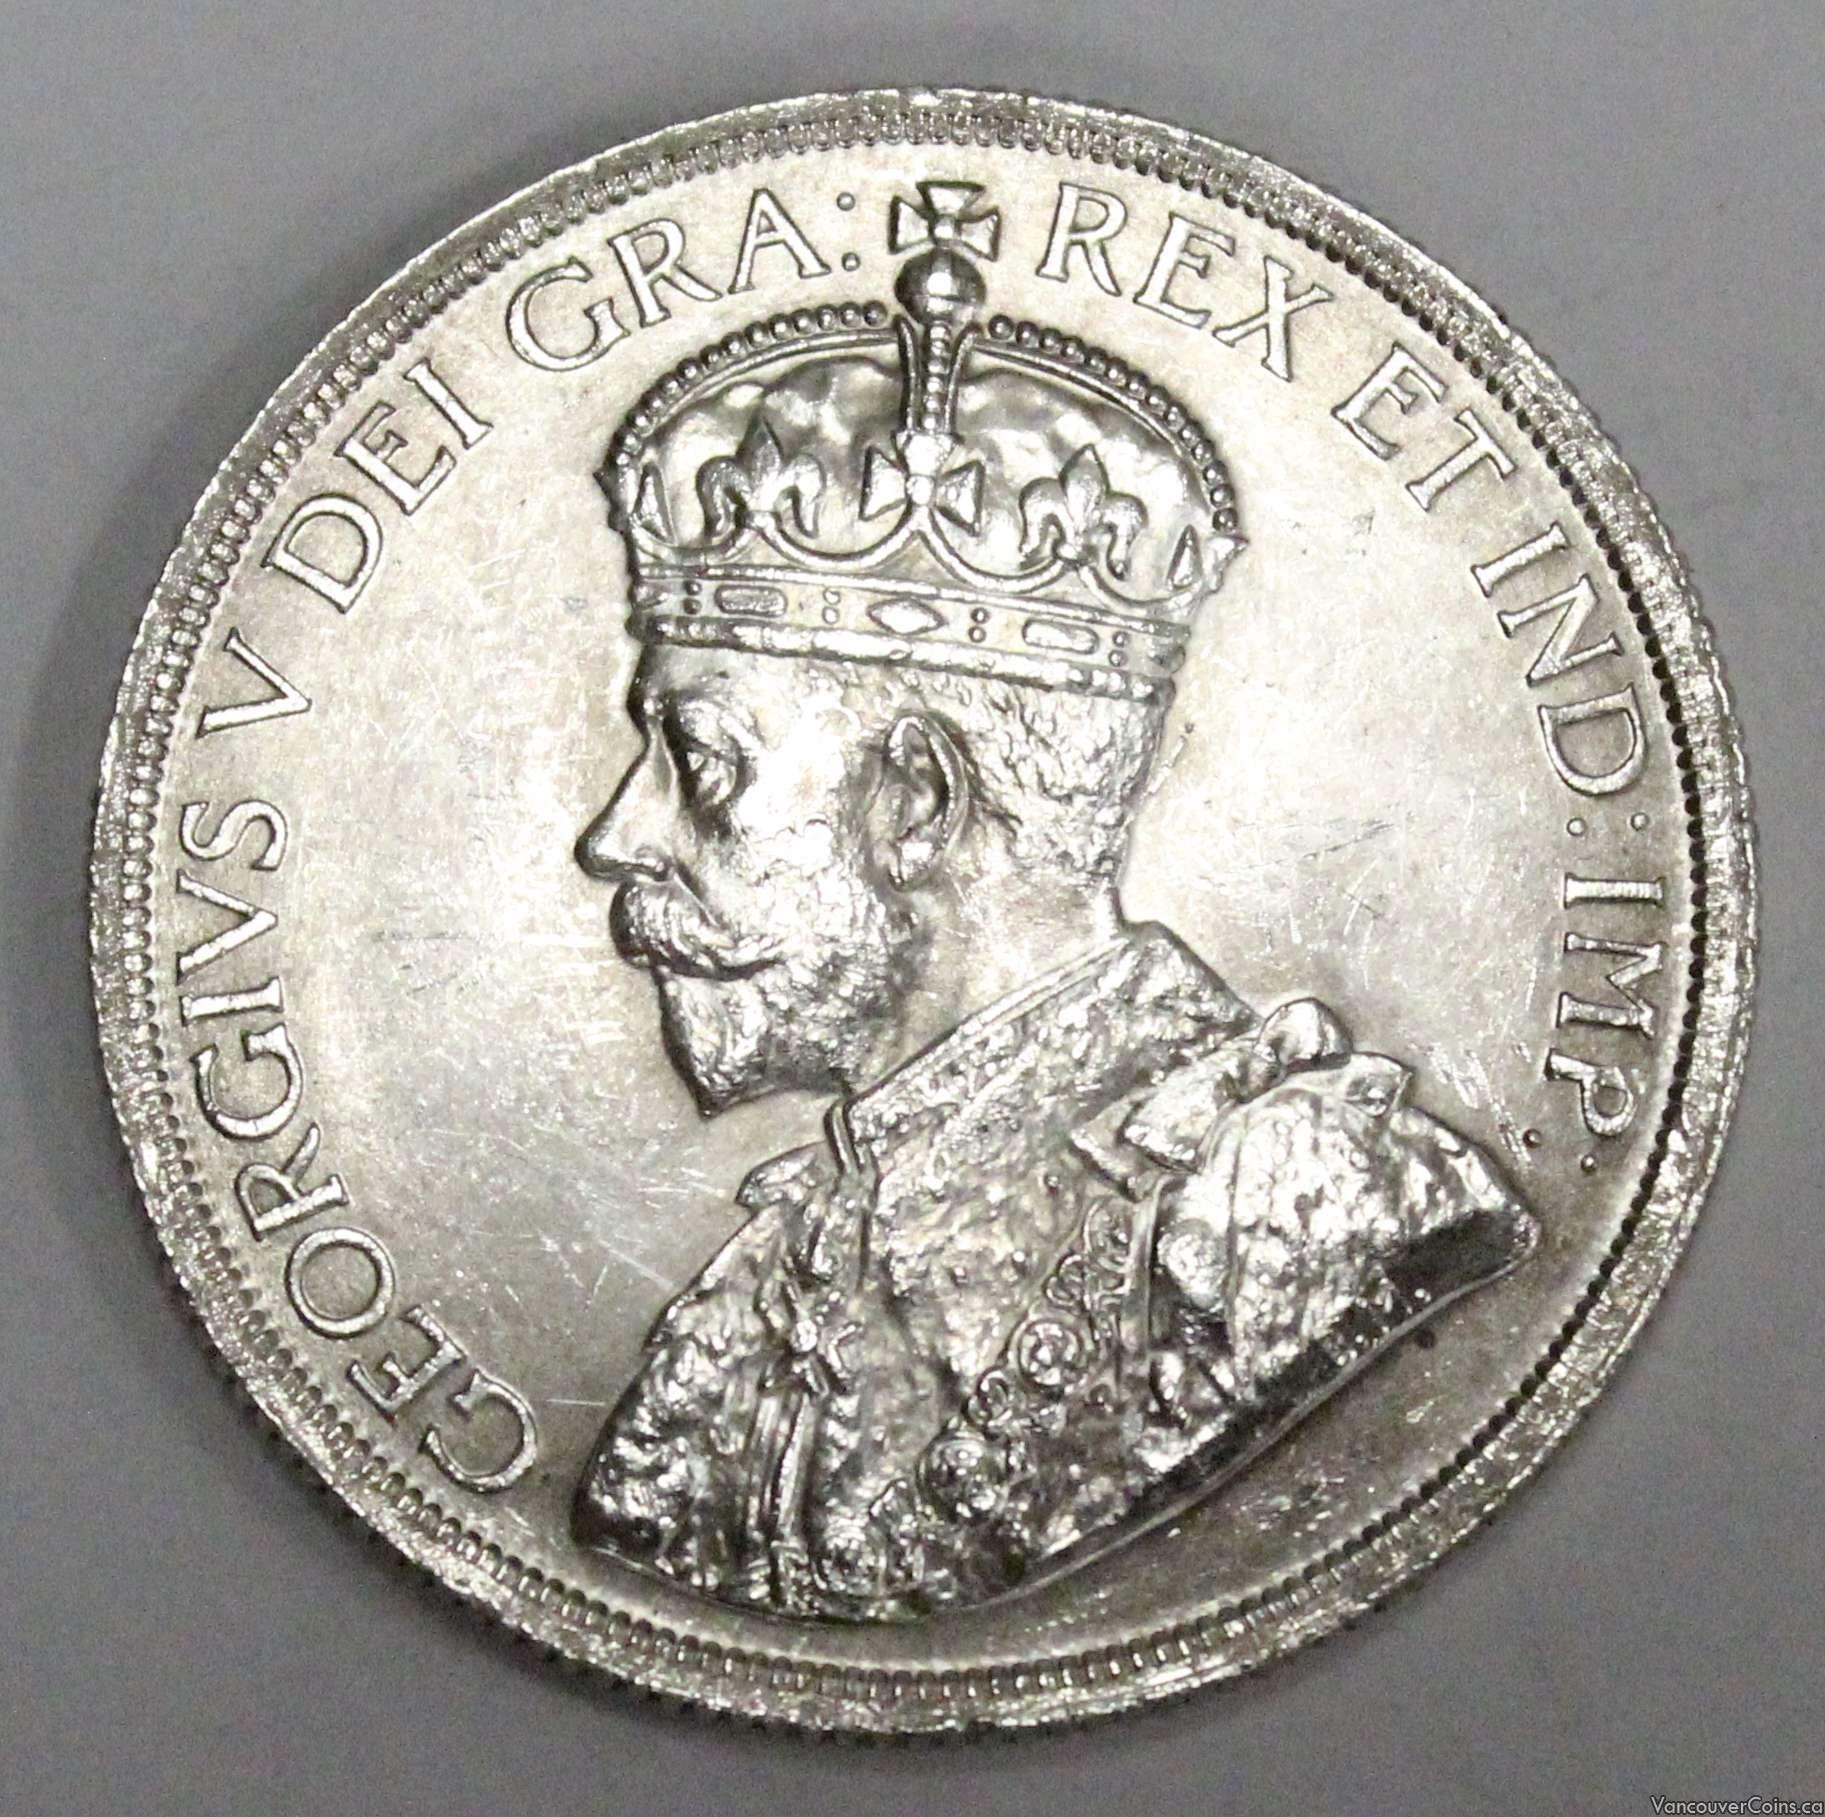 1936 Canada silver dollar King George VI  MS63